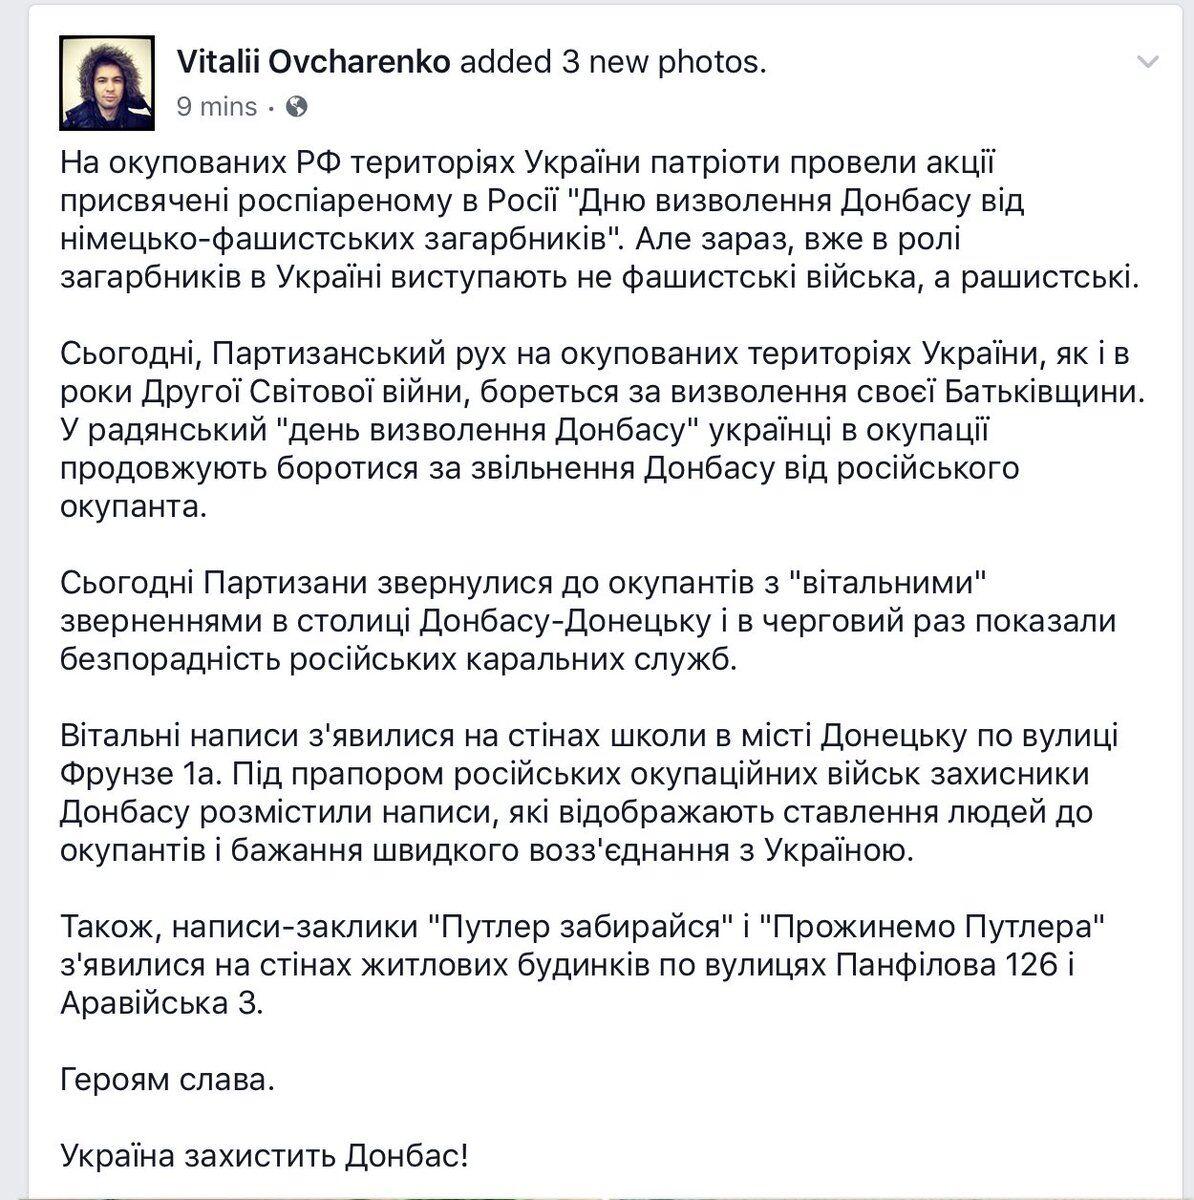 """""""Путлере, забирайся!"""" У Донецьку жителі залишили послання для окупантів"""